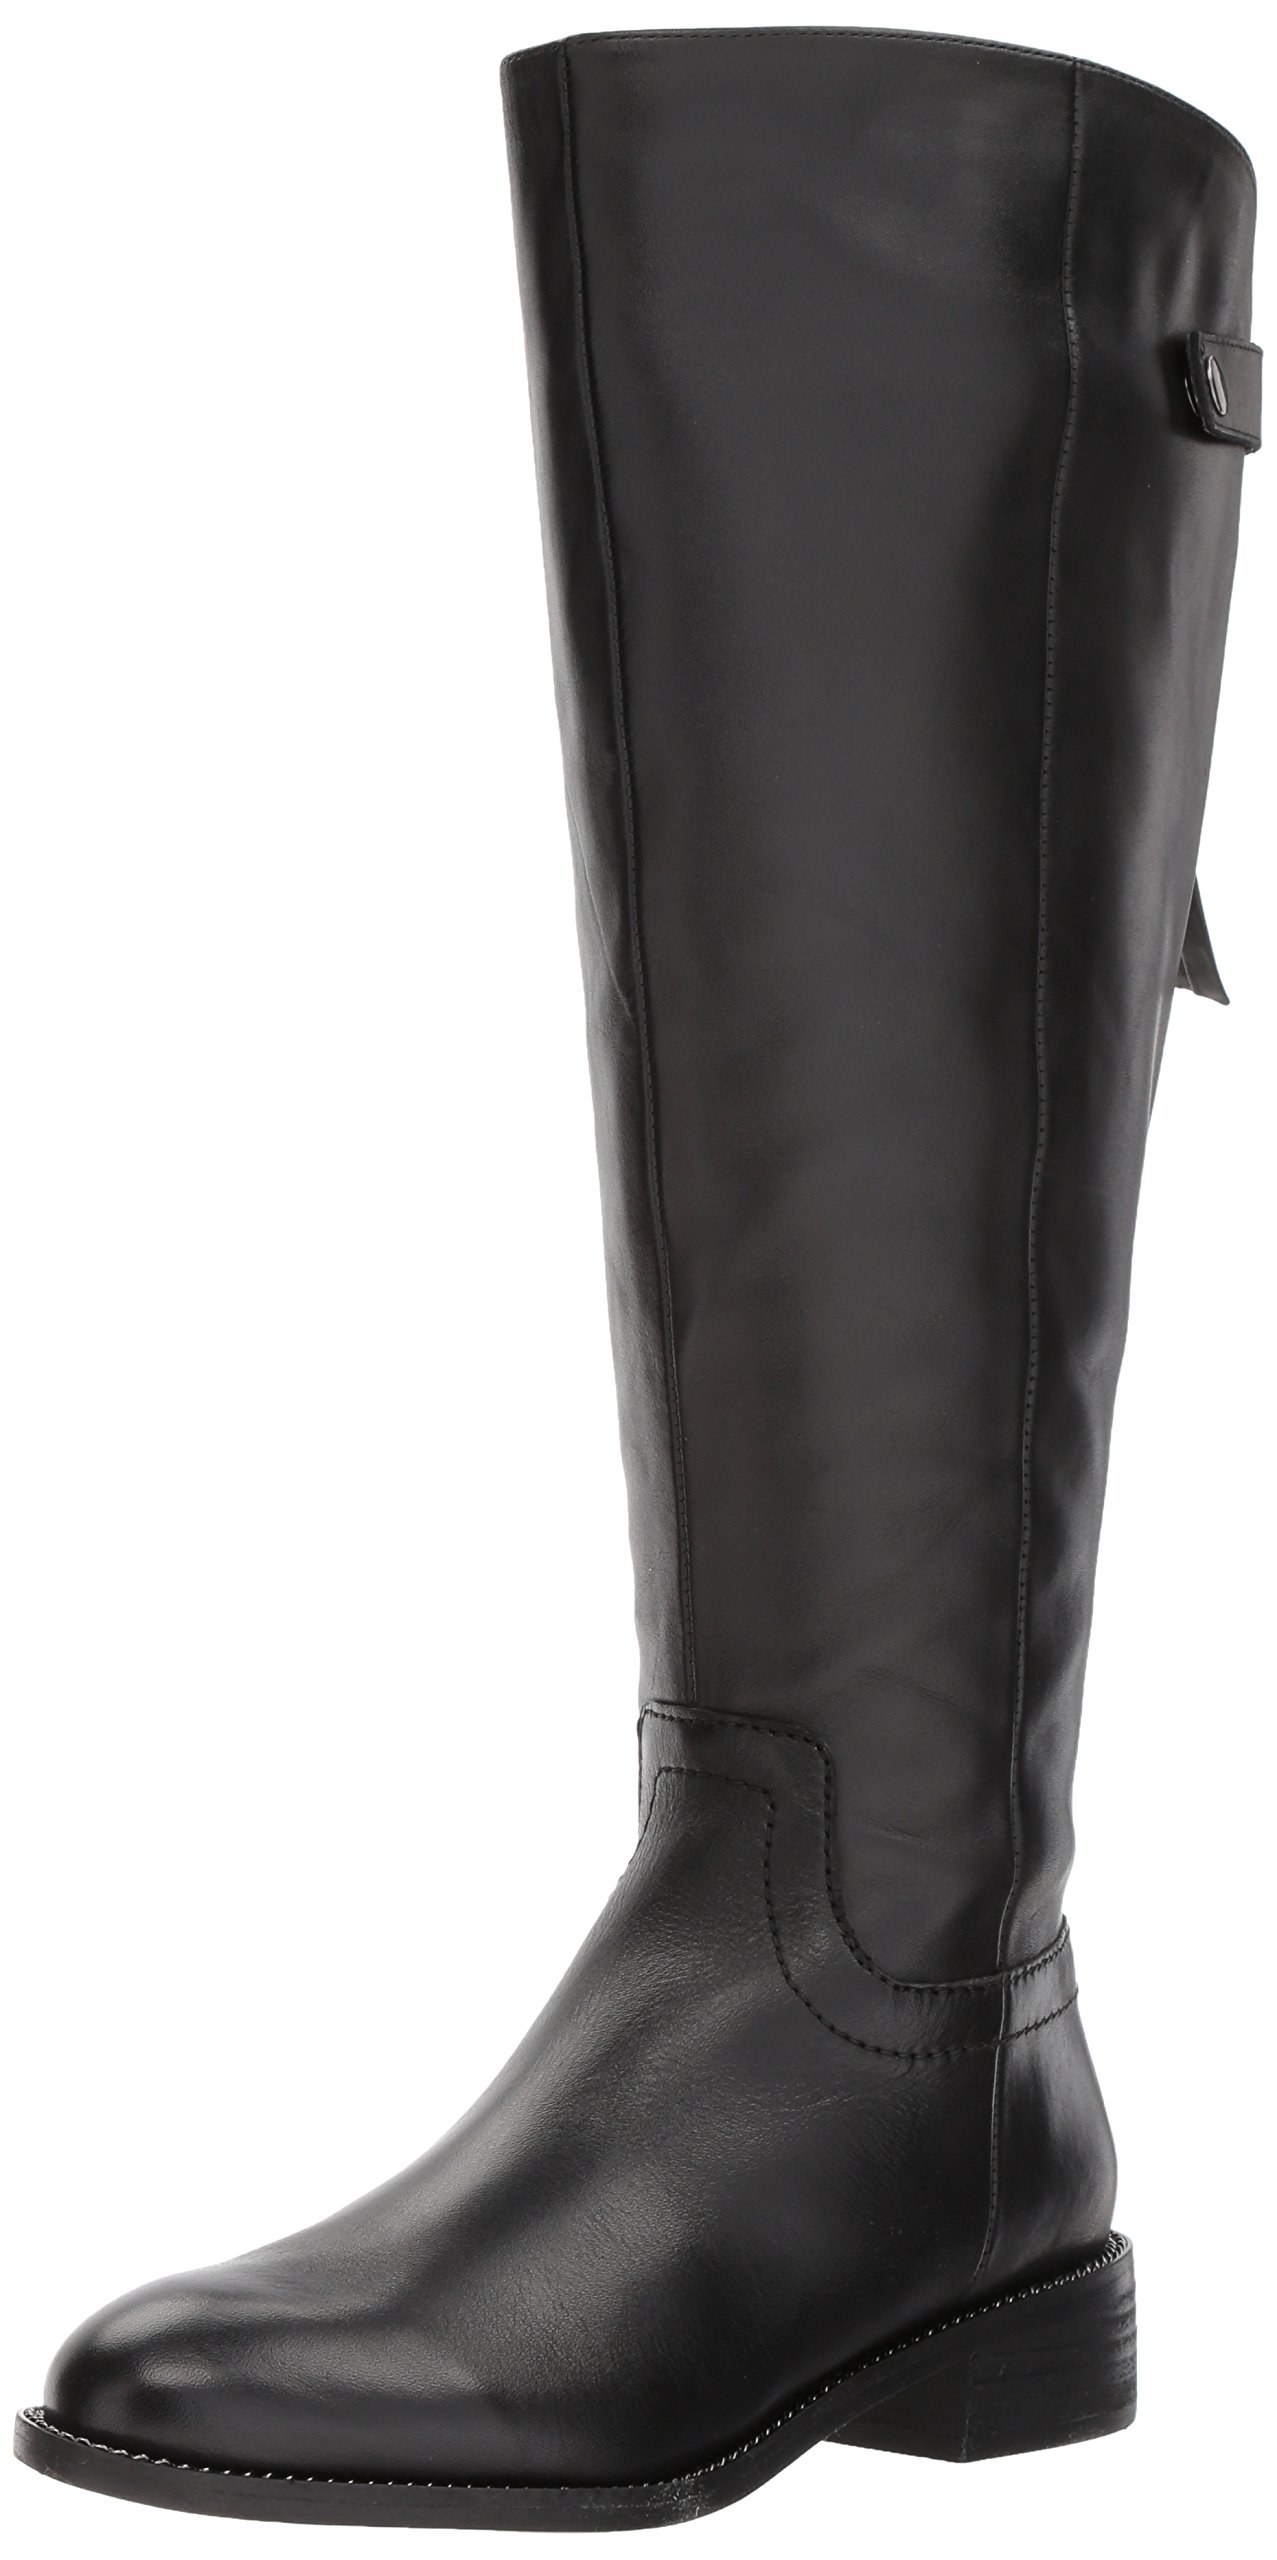 Franco Sarto Women's Brindley Wide Calf Boot, Black, 8 M US by Franco Sarto (Image #1)